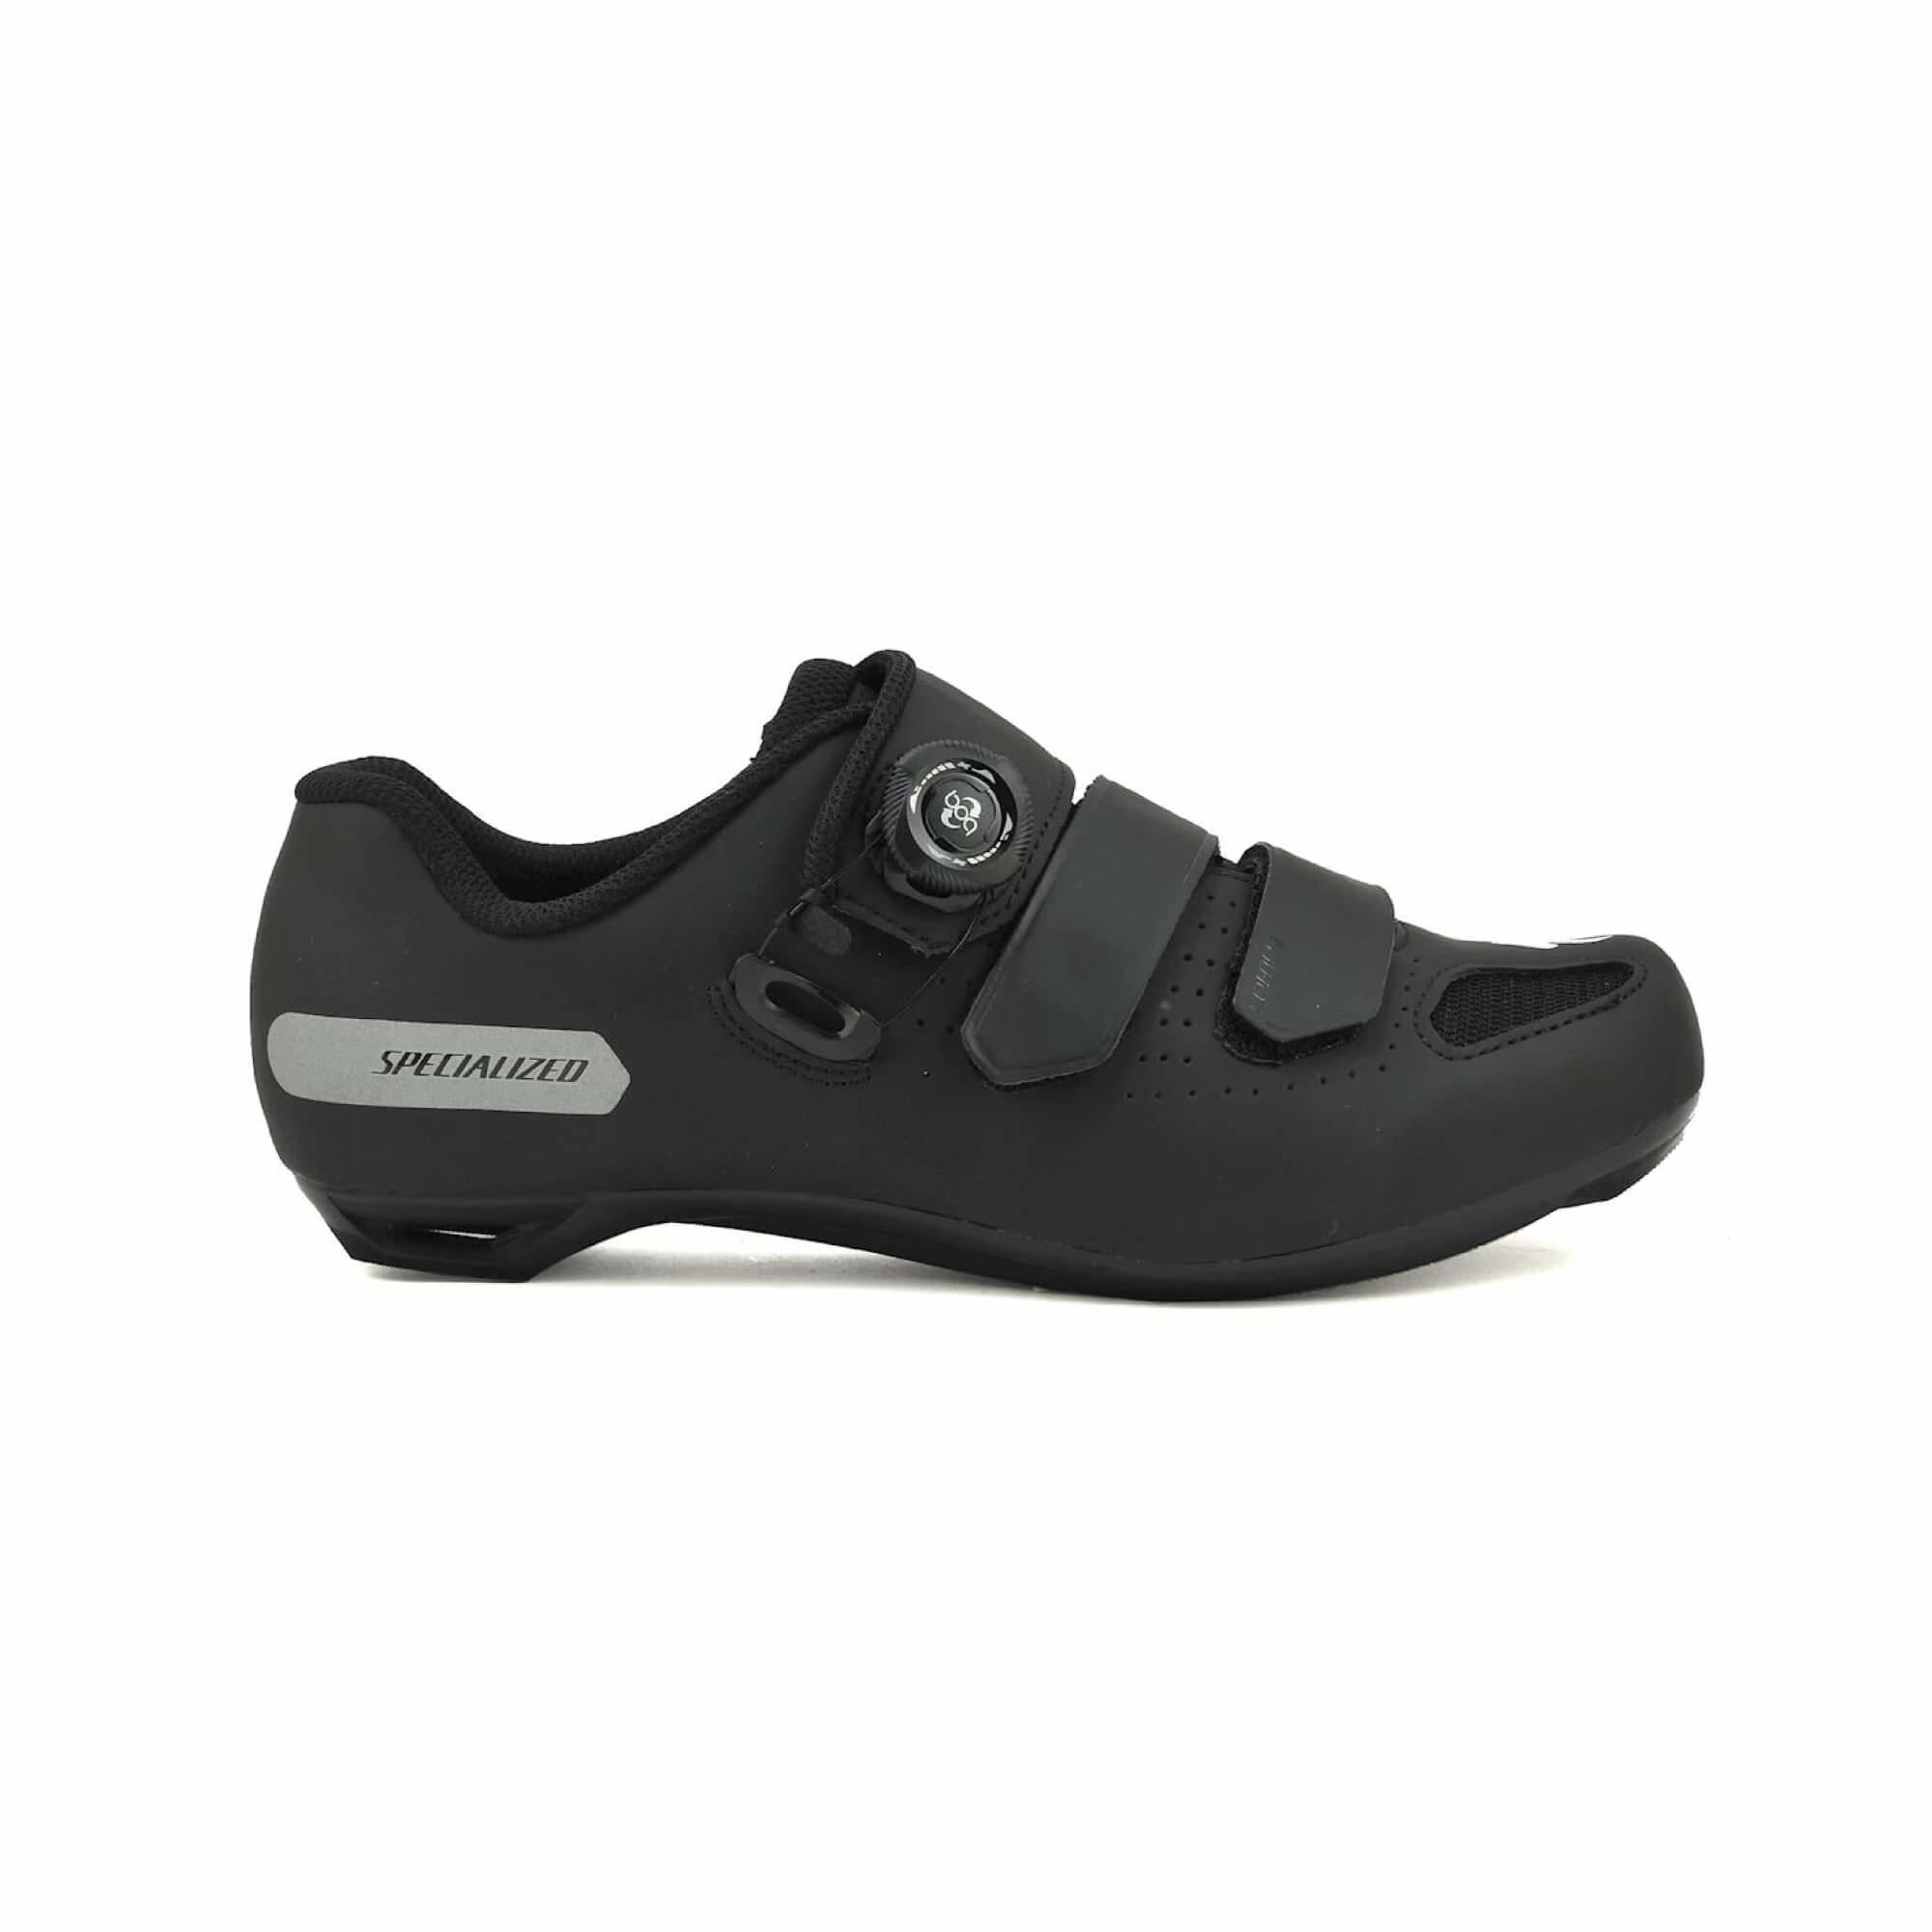 Comp Rd Shoe Blk 49/14.5 Size: 49-1